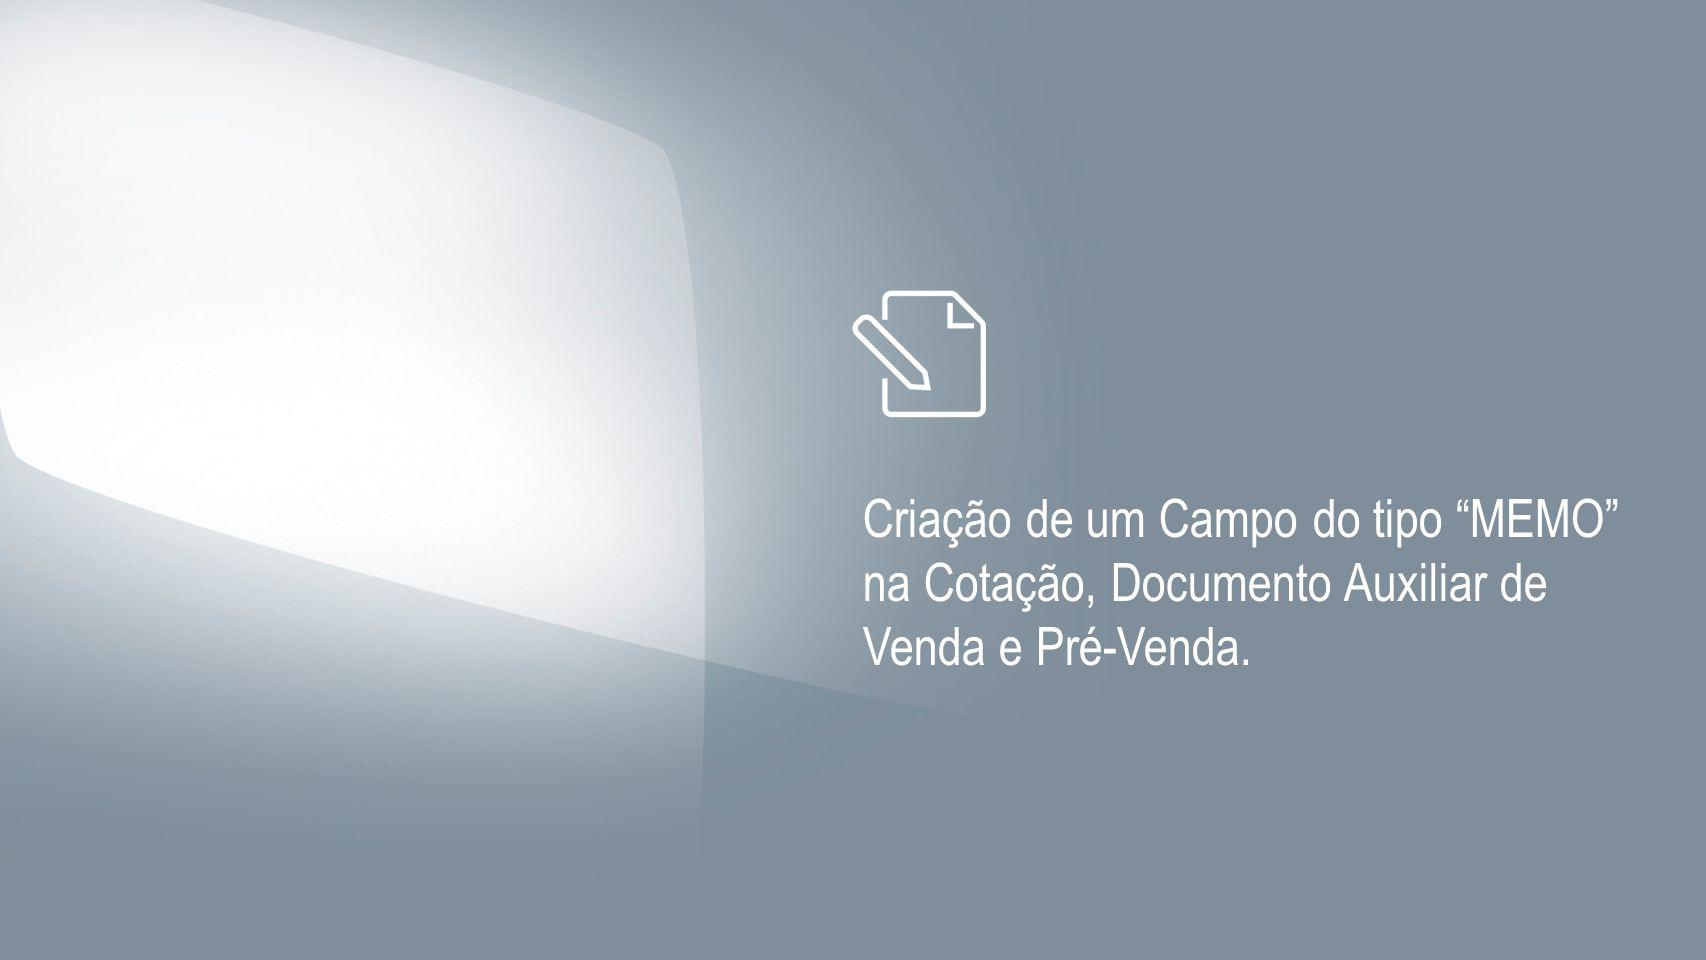 Criação de um Campo do tipo MEMO na Cotação, Documento Auxiliar de Venda e Pré-Venda.